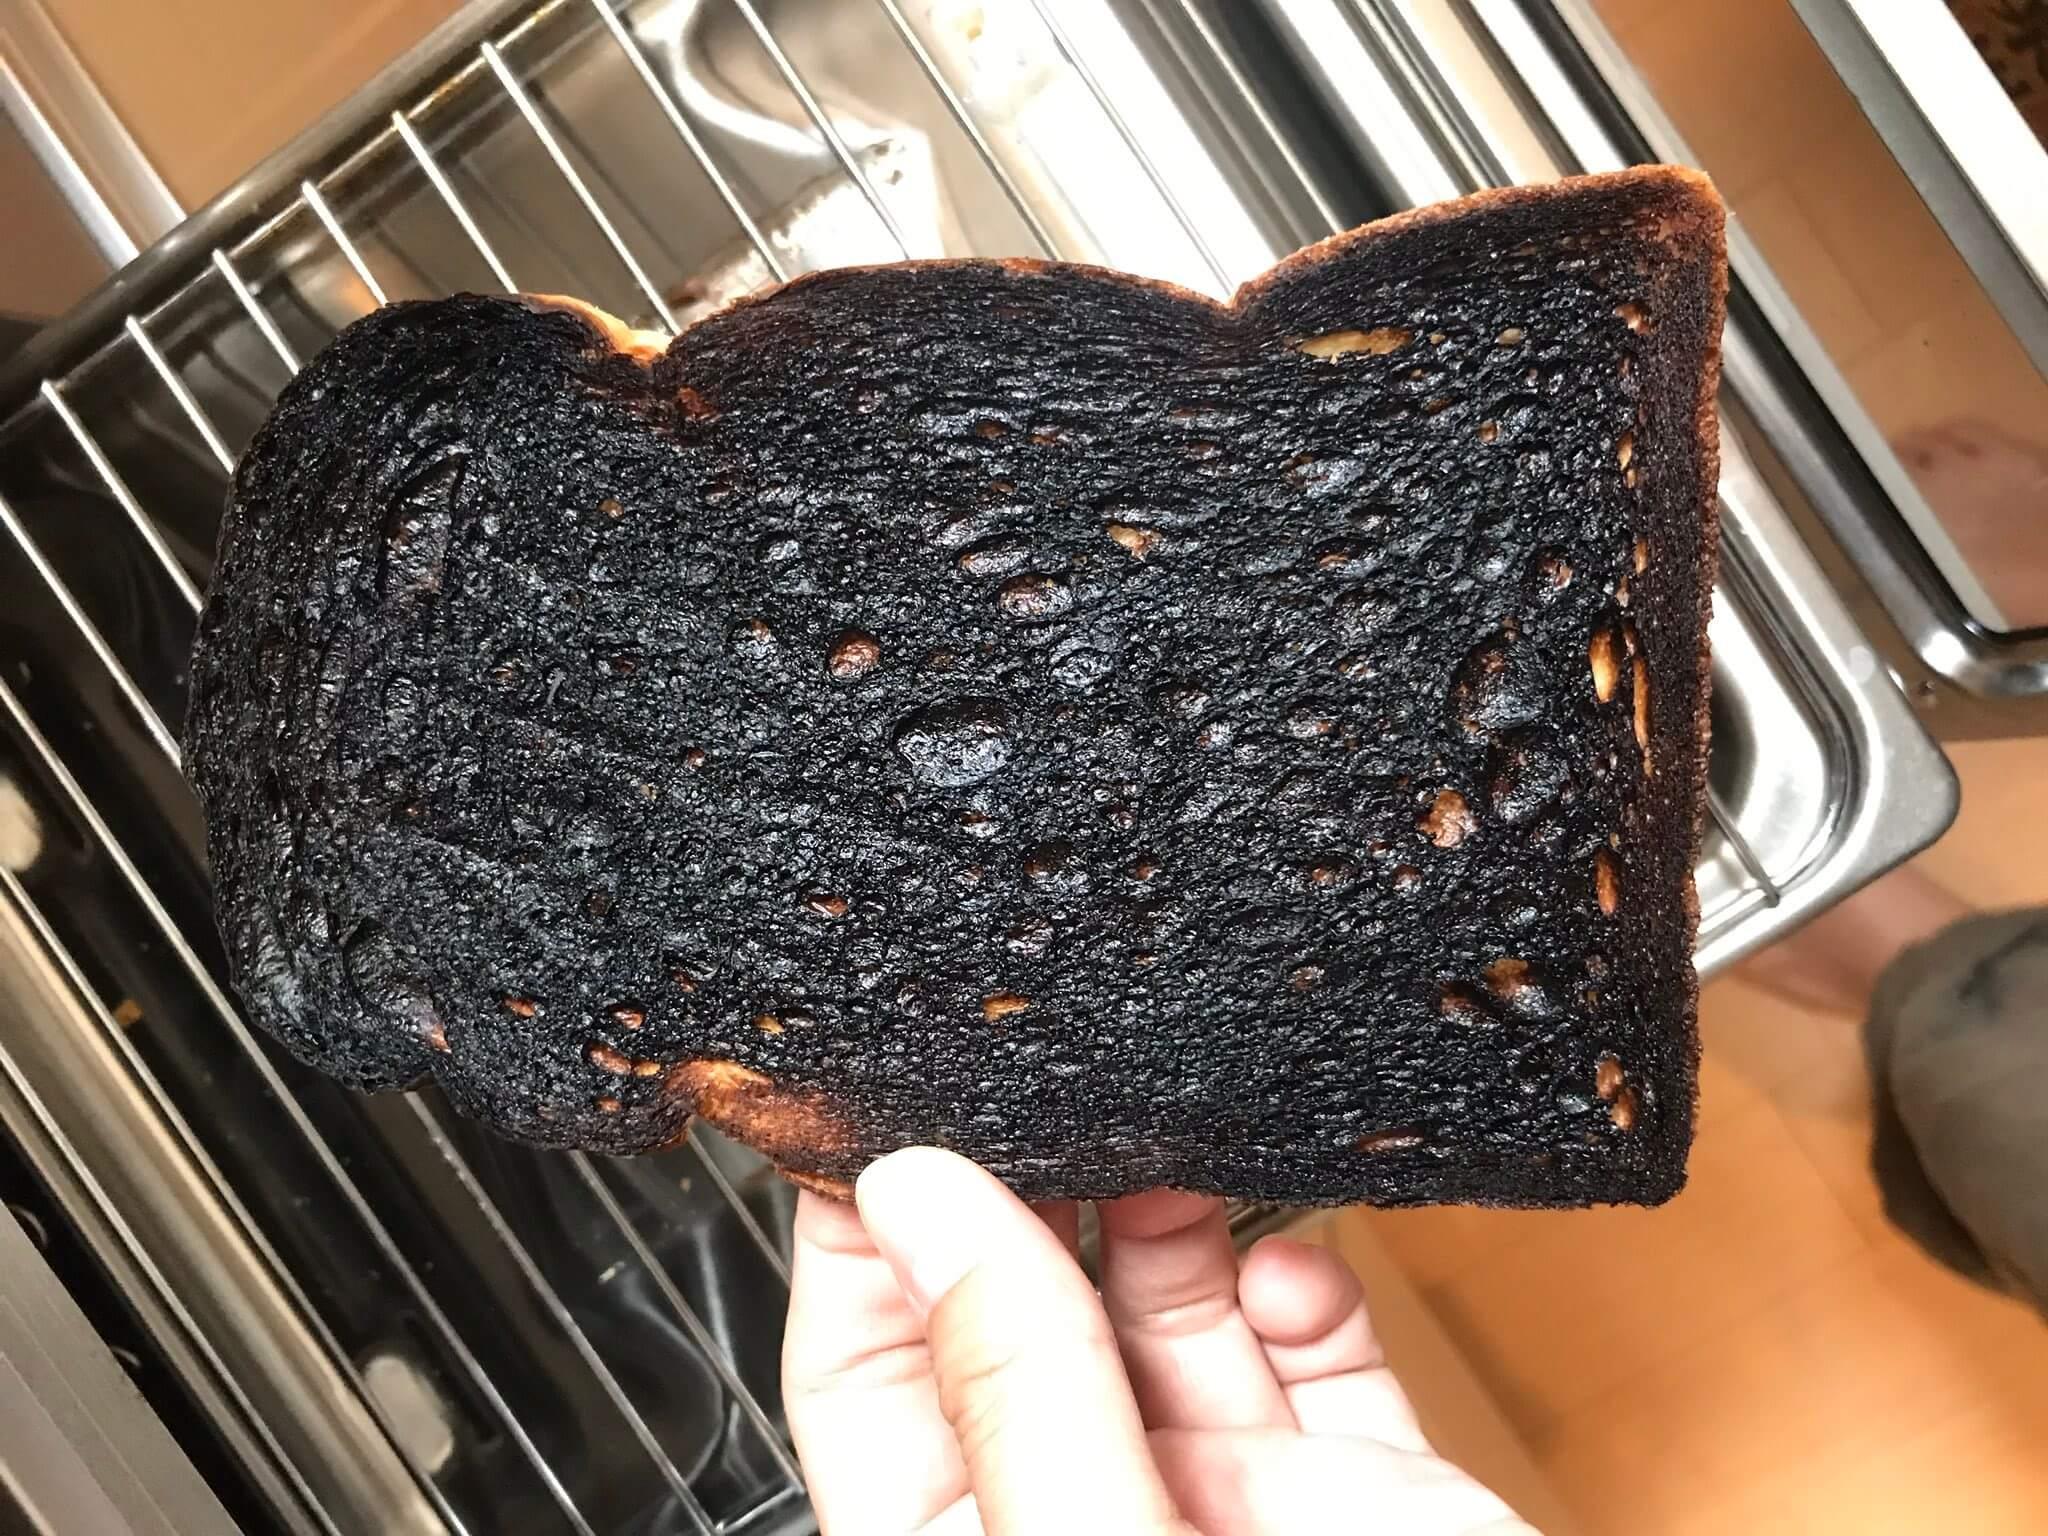 魚焼きグリルで焼いて真っ黒に焦げたトースト